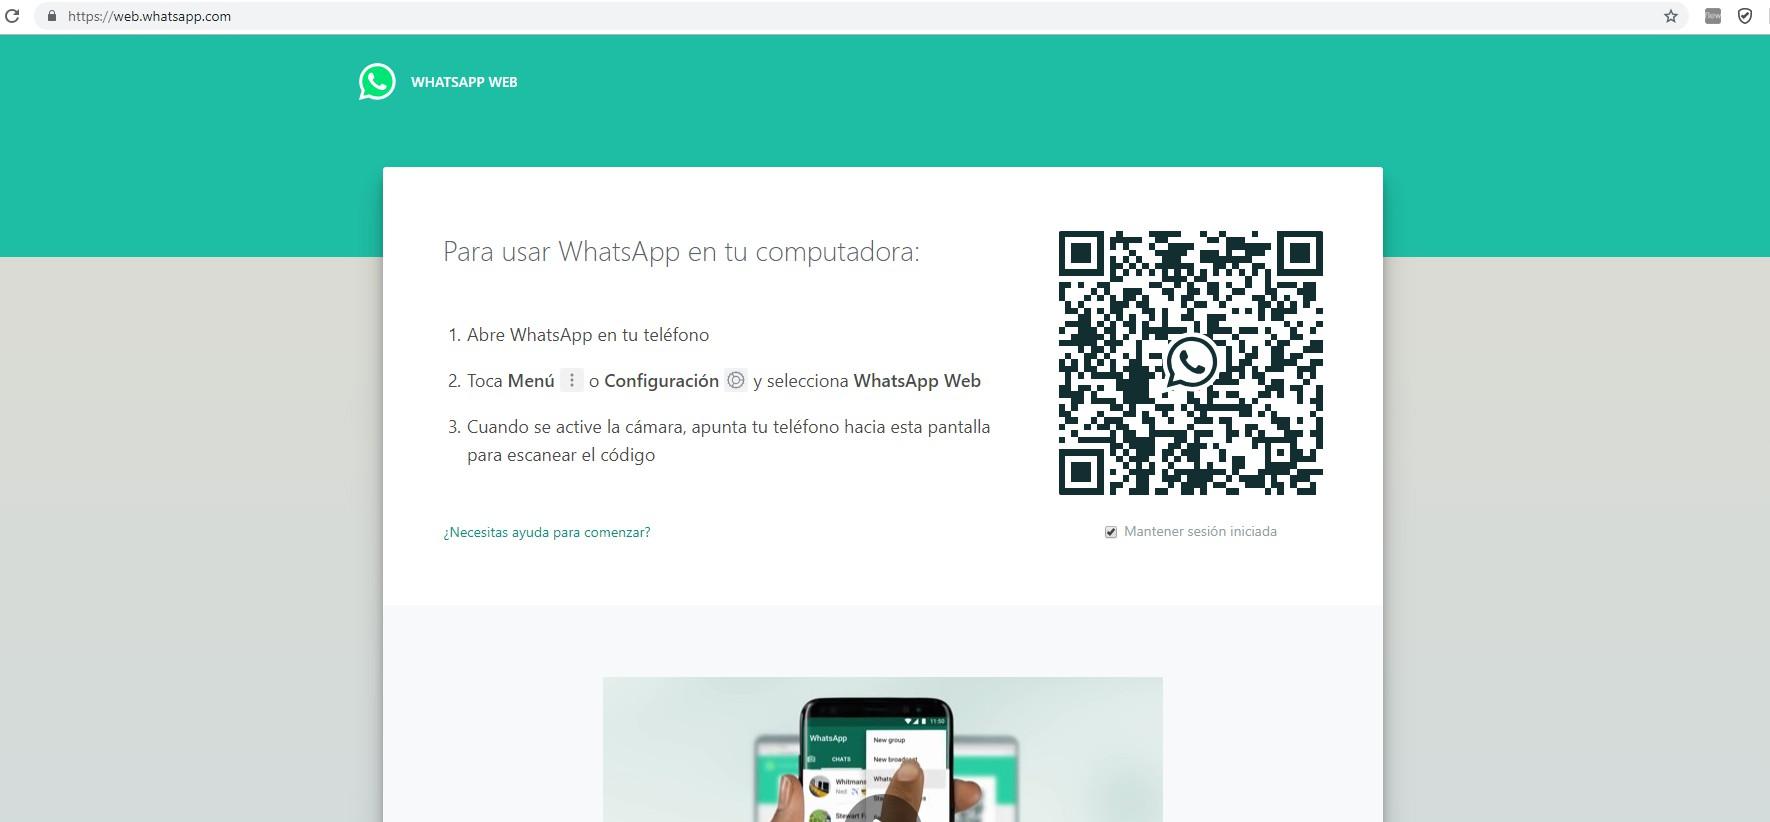 Come risolvere l'accesso recente a WhatsApp Web - Guardacome.com